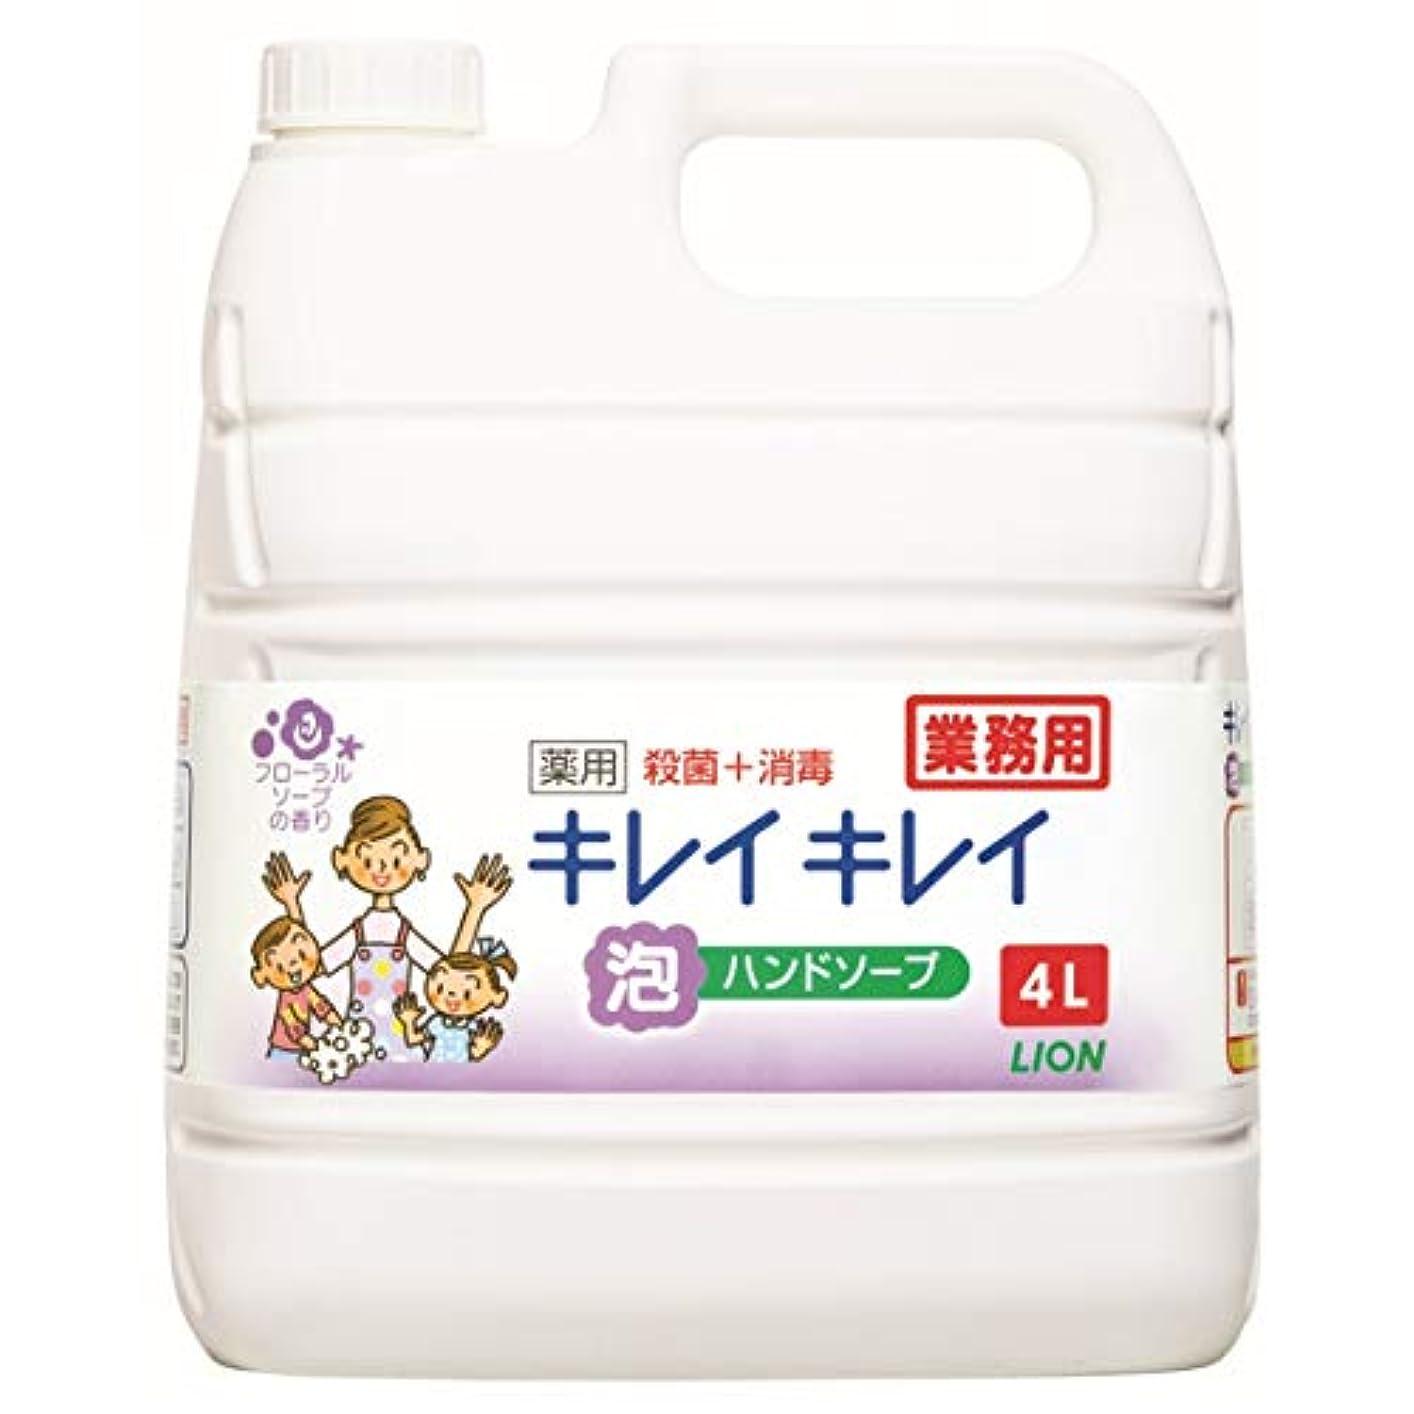 東損失呼び起こす【業務用 大容量】キレイキレイ 薬用 泡ハンドソープフローラルソープの香り 4L(医薬部外品)